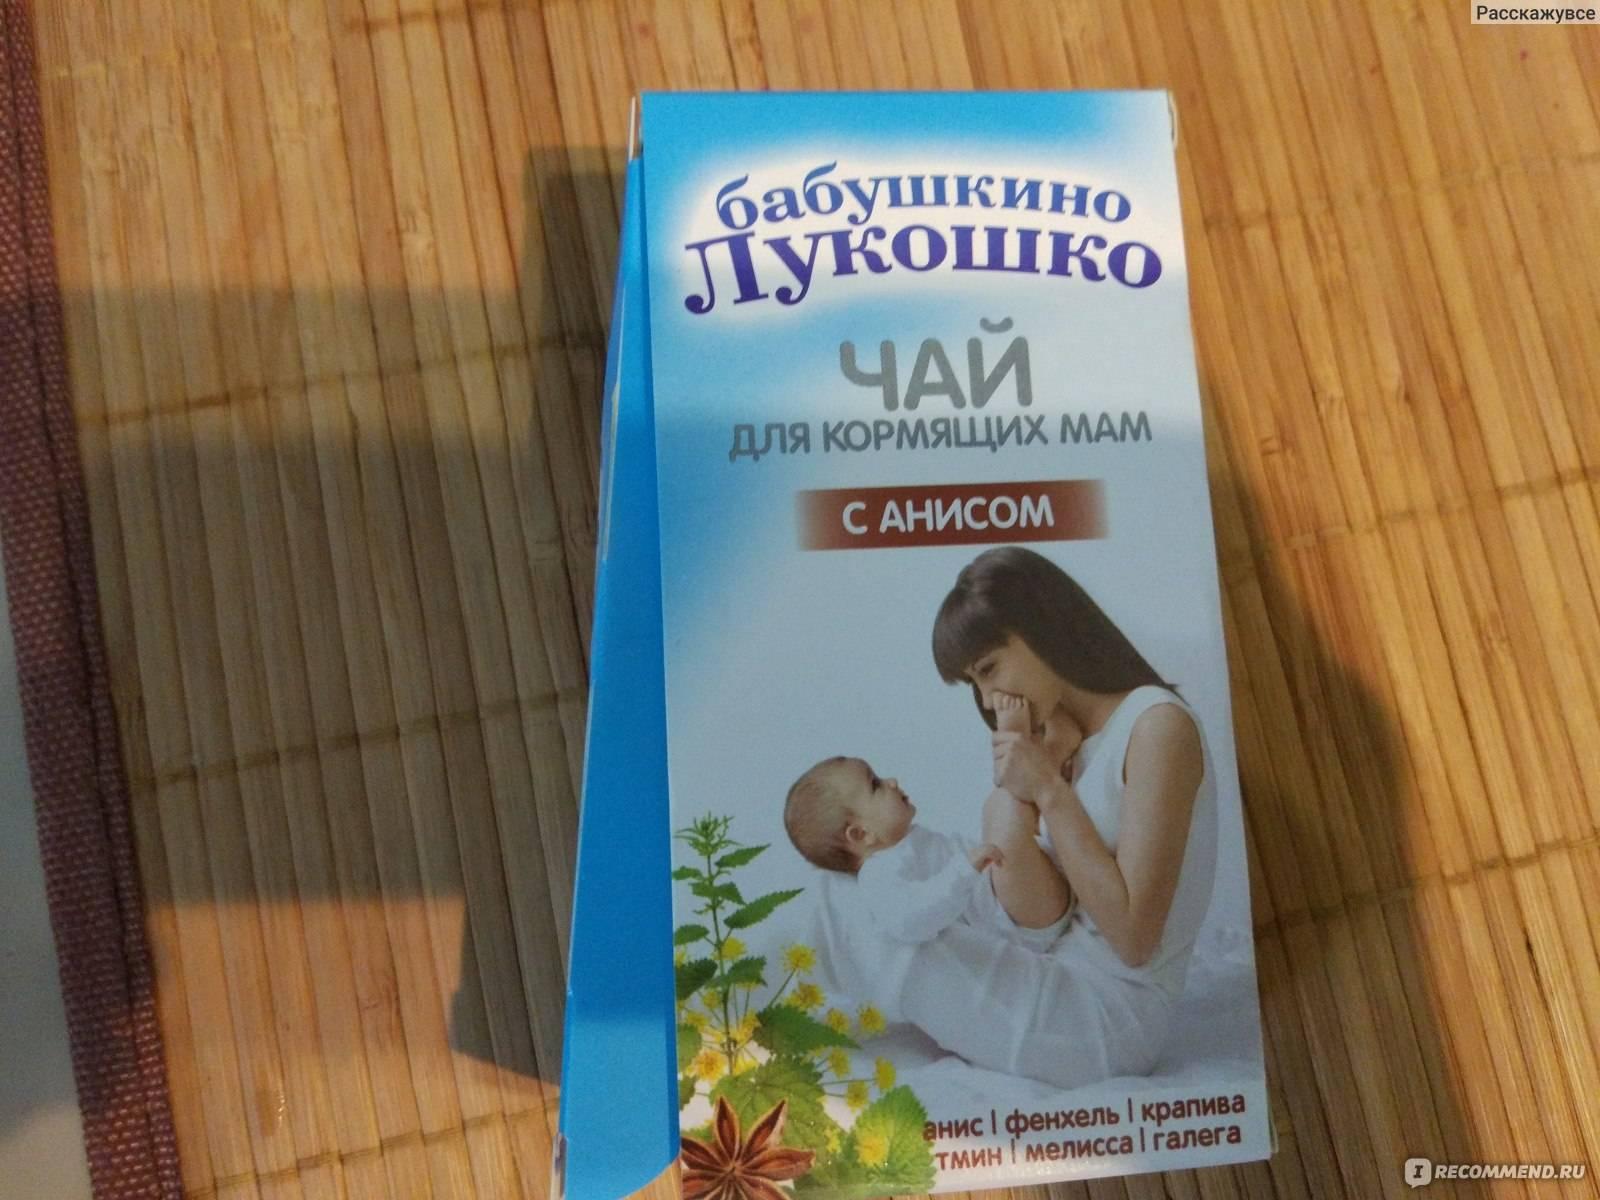 Ассортимент чая бабушкино лукошко для кормящих мам и детей, состав трав, отзывы